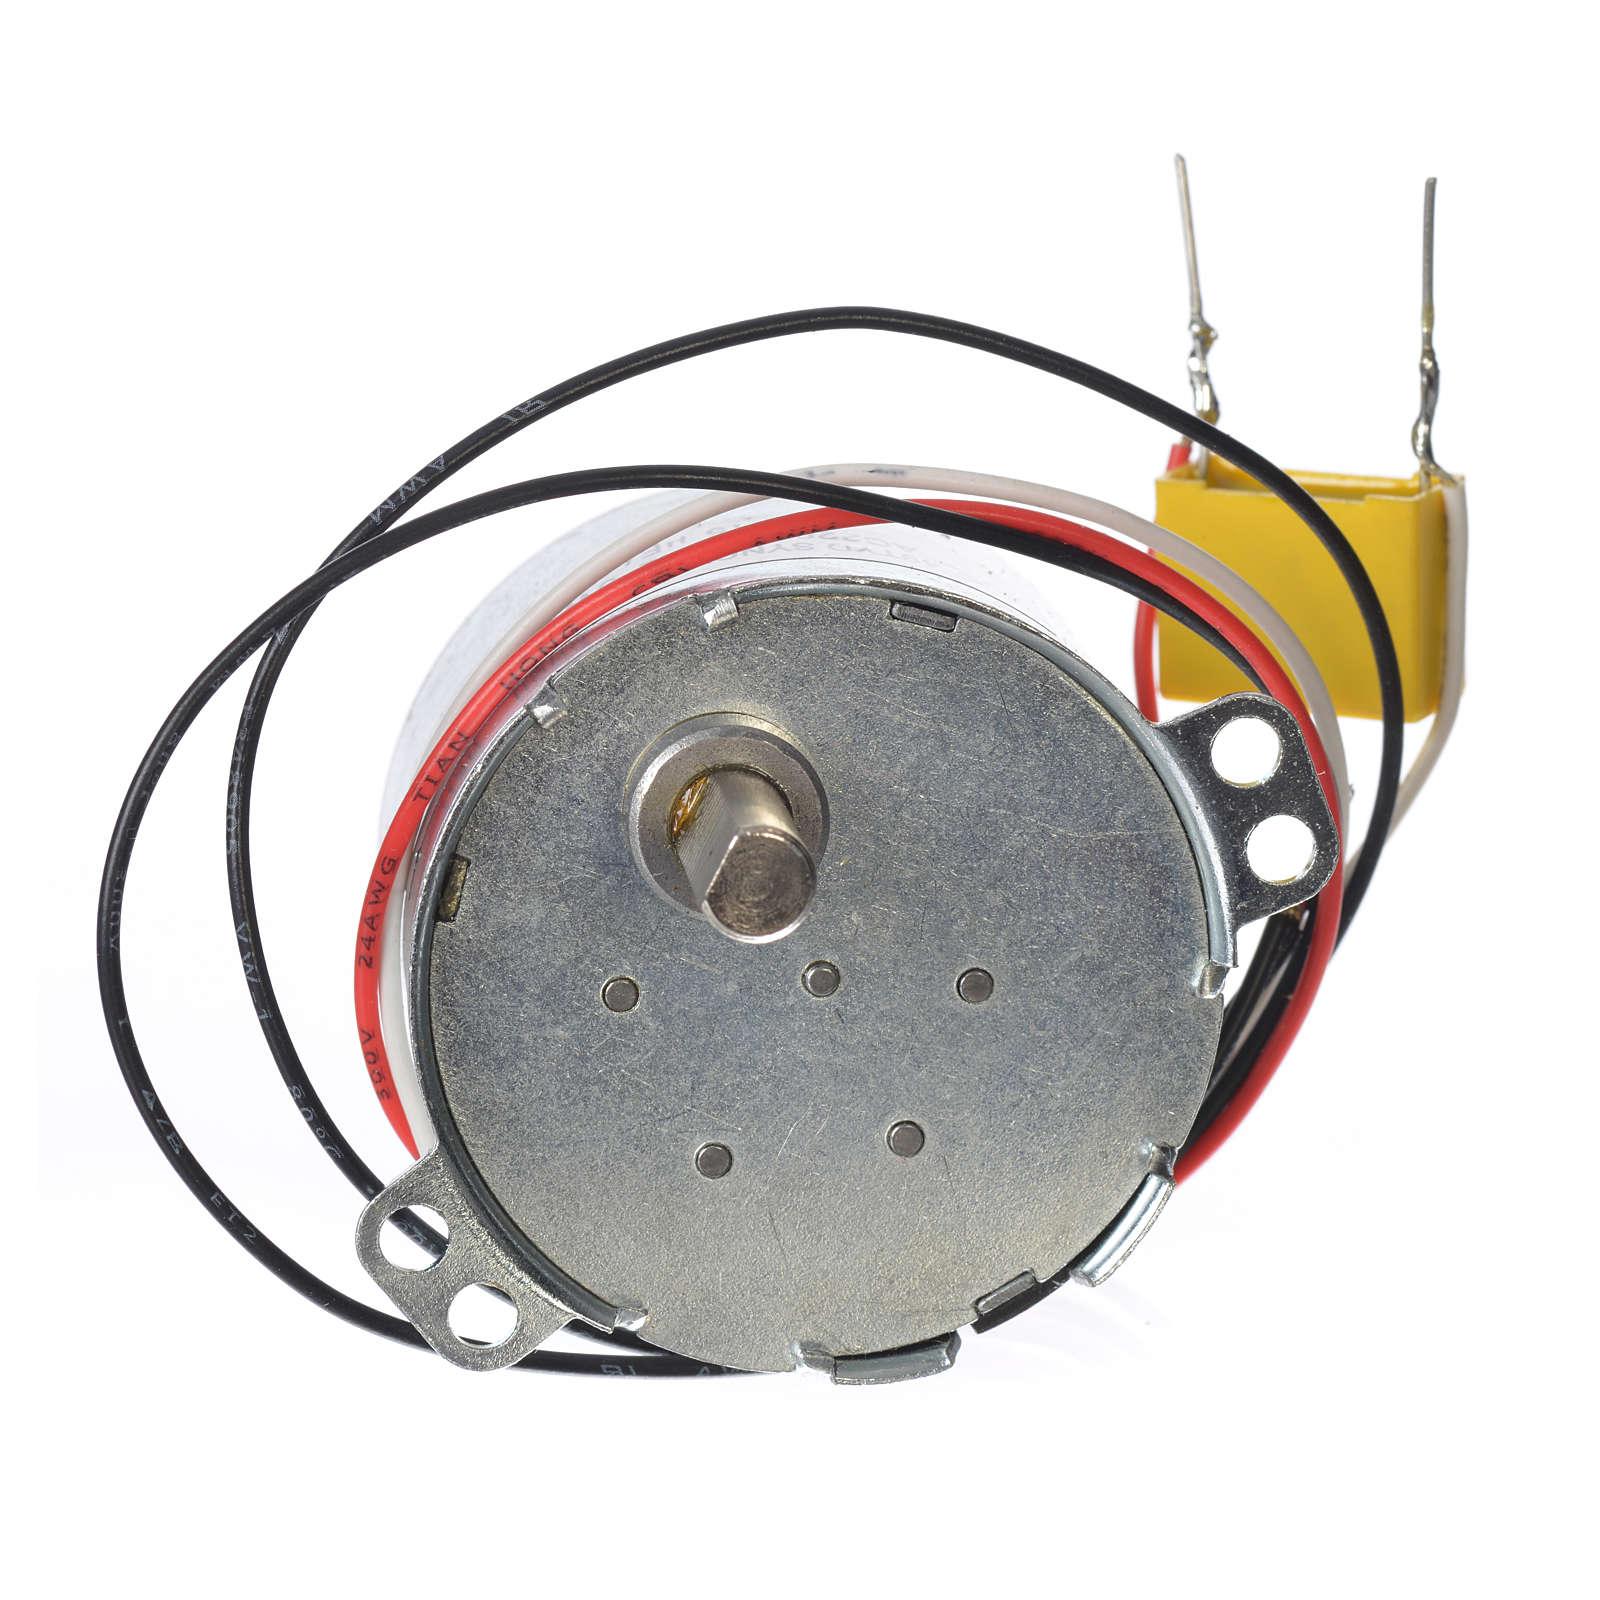 Motoriduttore MV 30 giri/min presepe 4